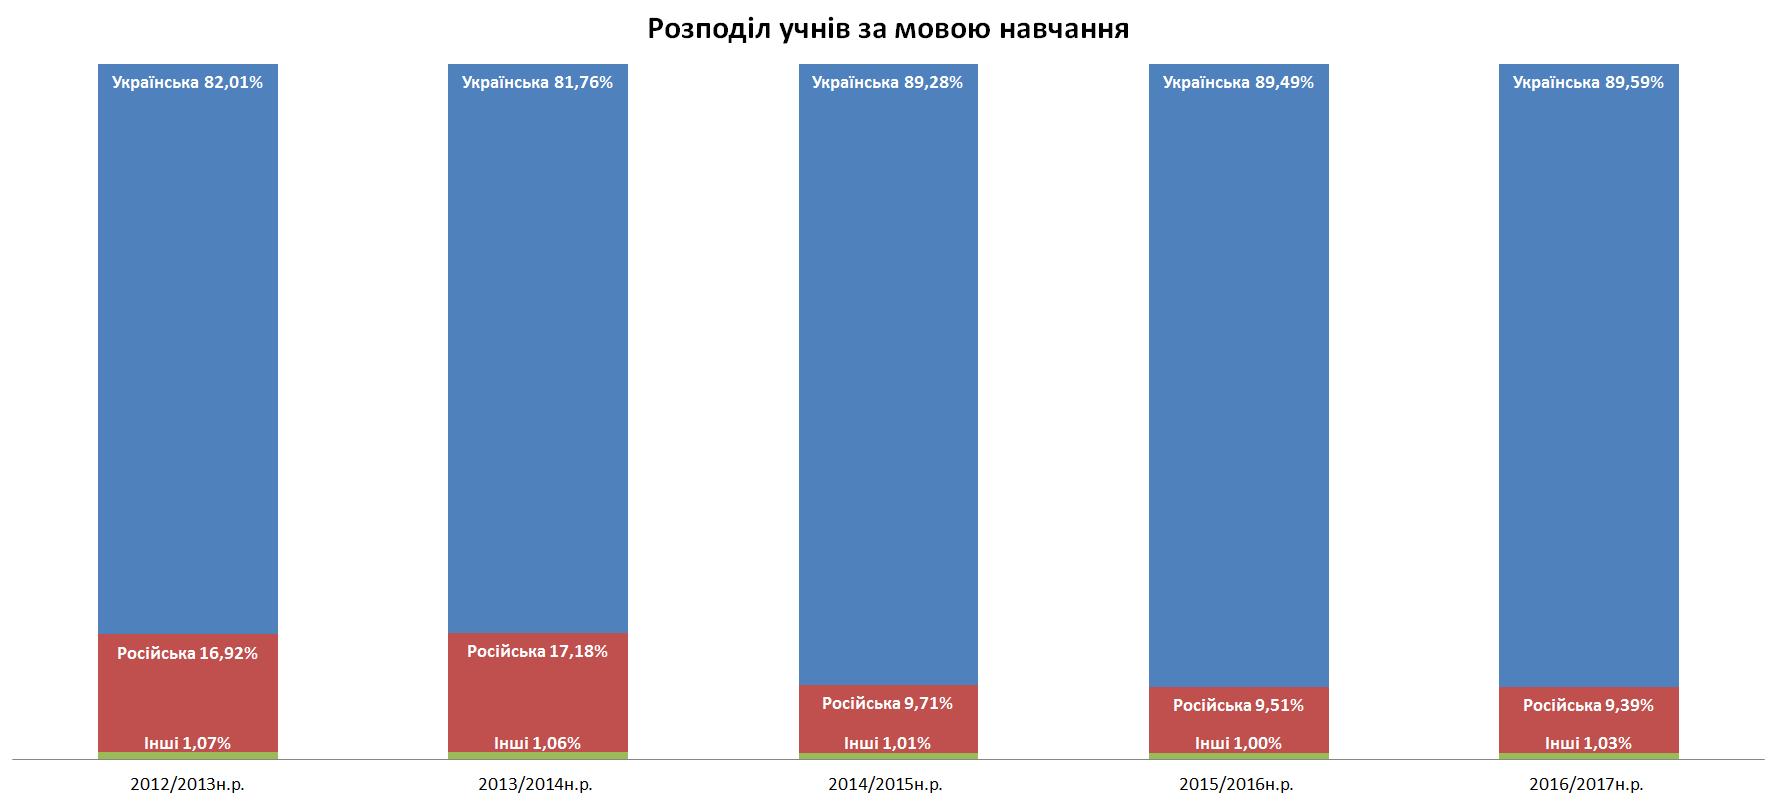 Розподіл учнів за мовою навчання 2016-2017 н.р.